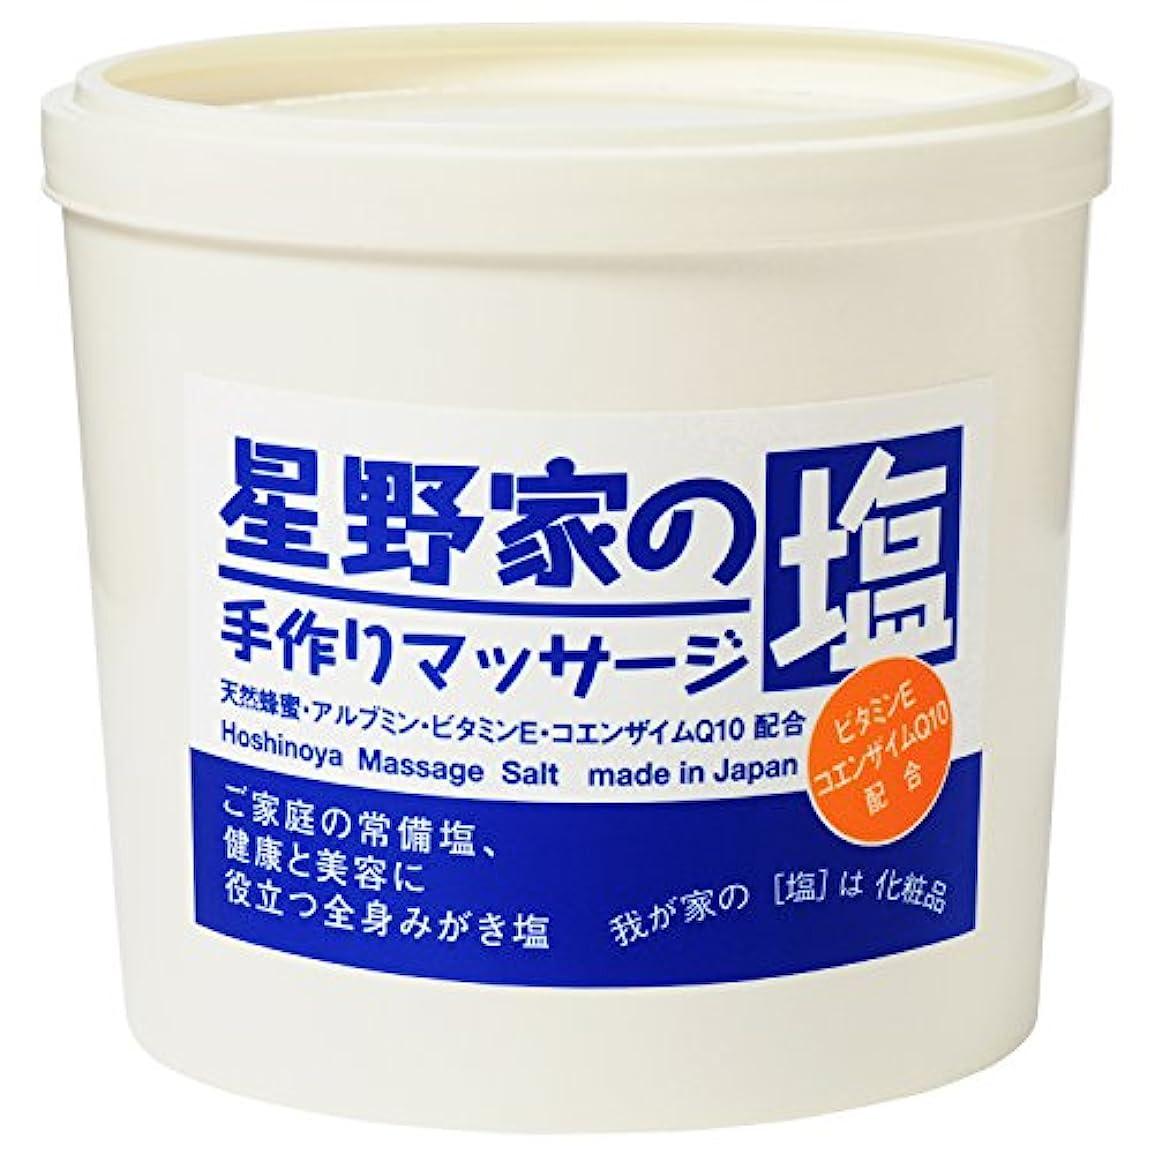 毎年広げる仕様星野家の手作りマッサージ塩【お徳用?950g】 ボディスクラブ/角質対策&全身用ボディケア